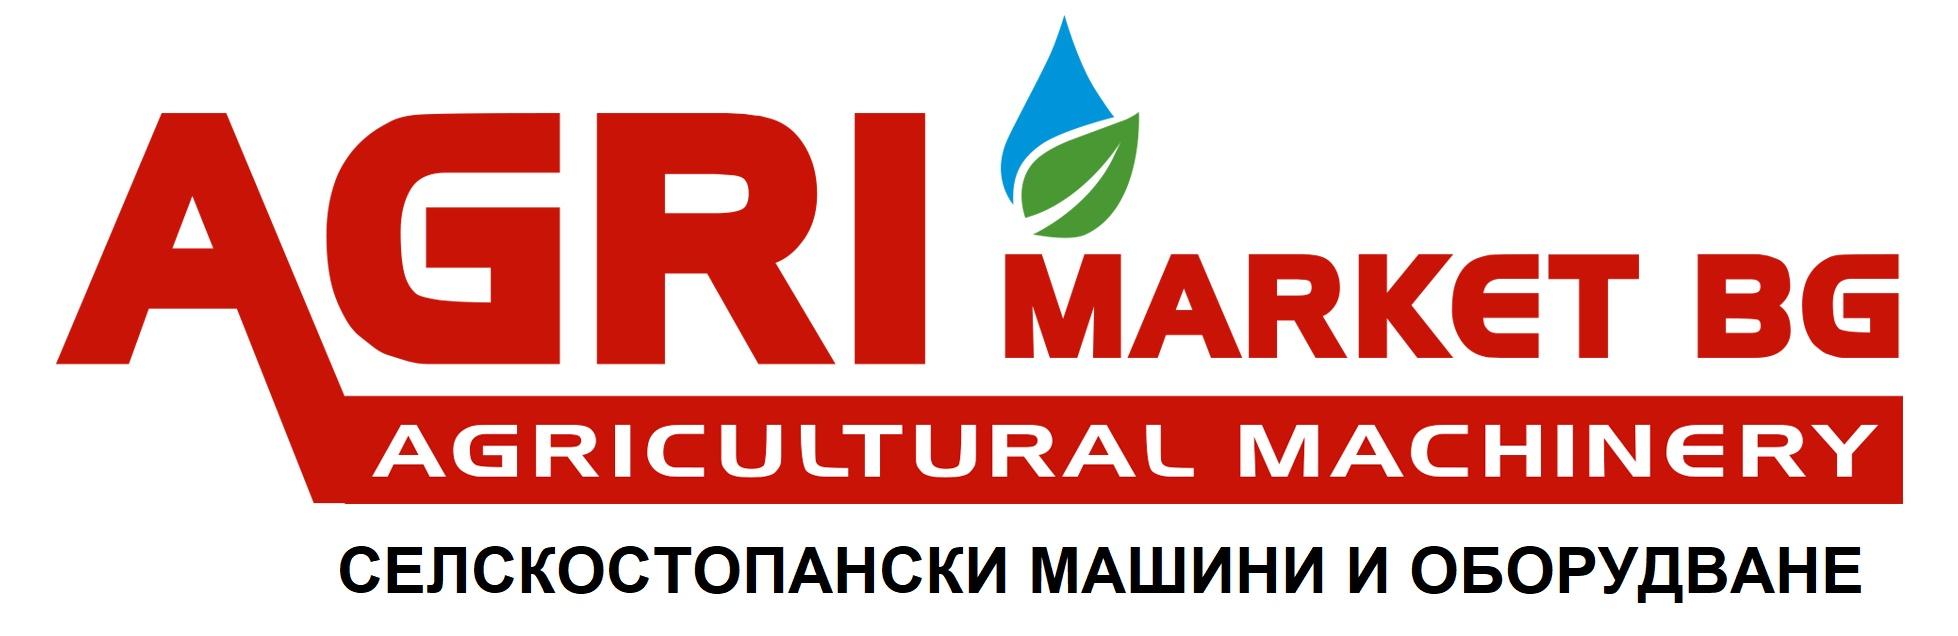 АГРИ МАРКЕТ БГ селскостопански машини и оборудване